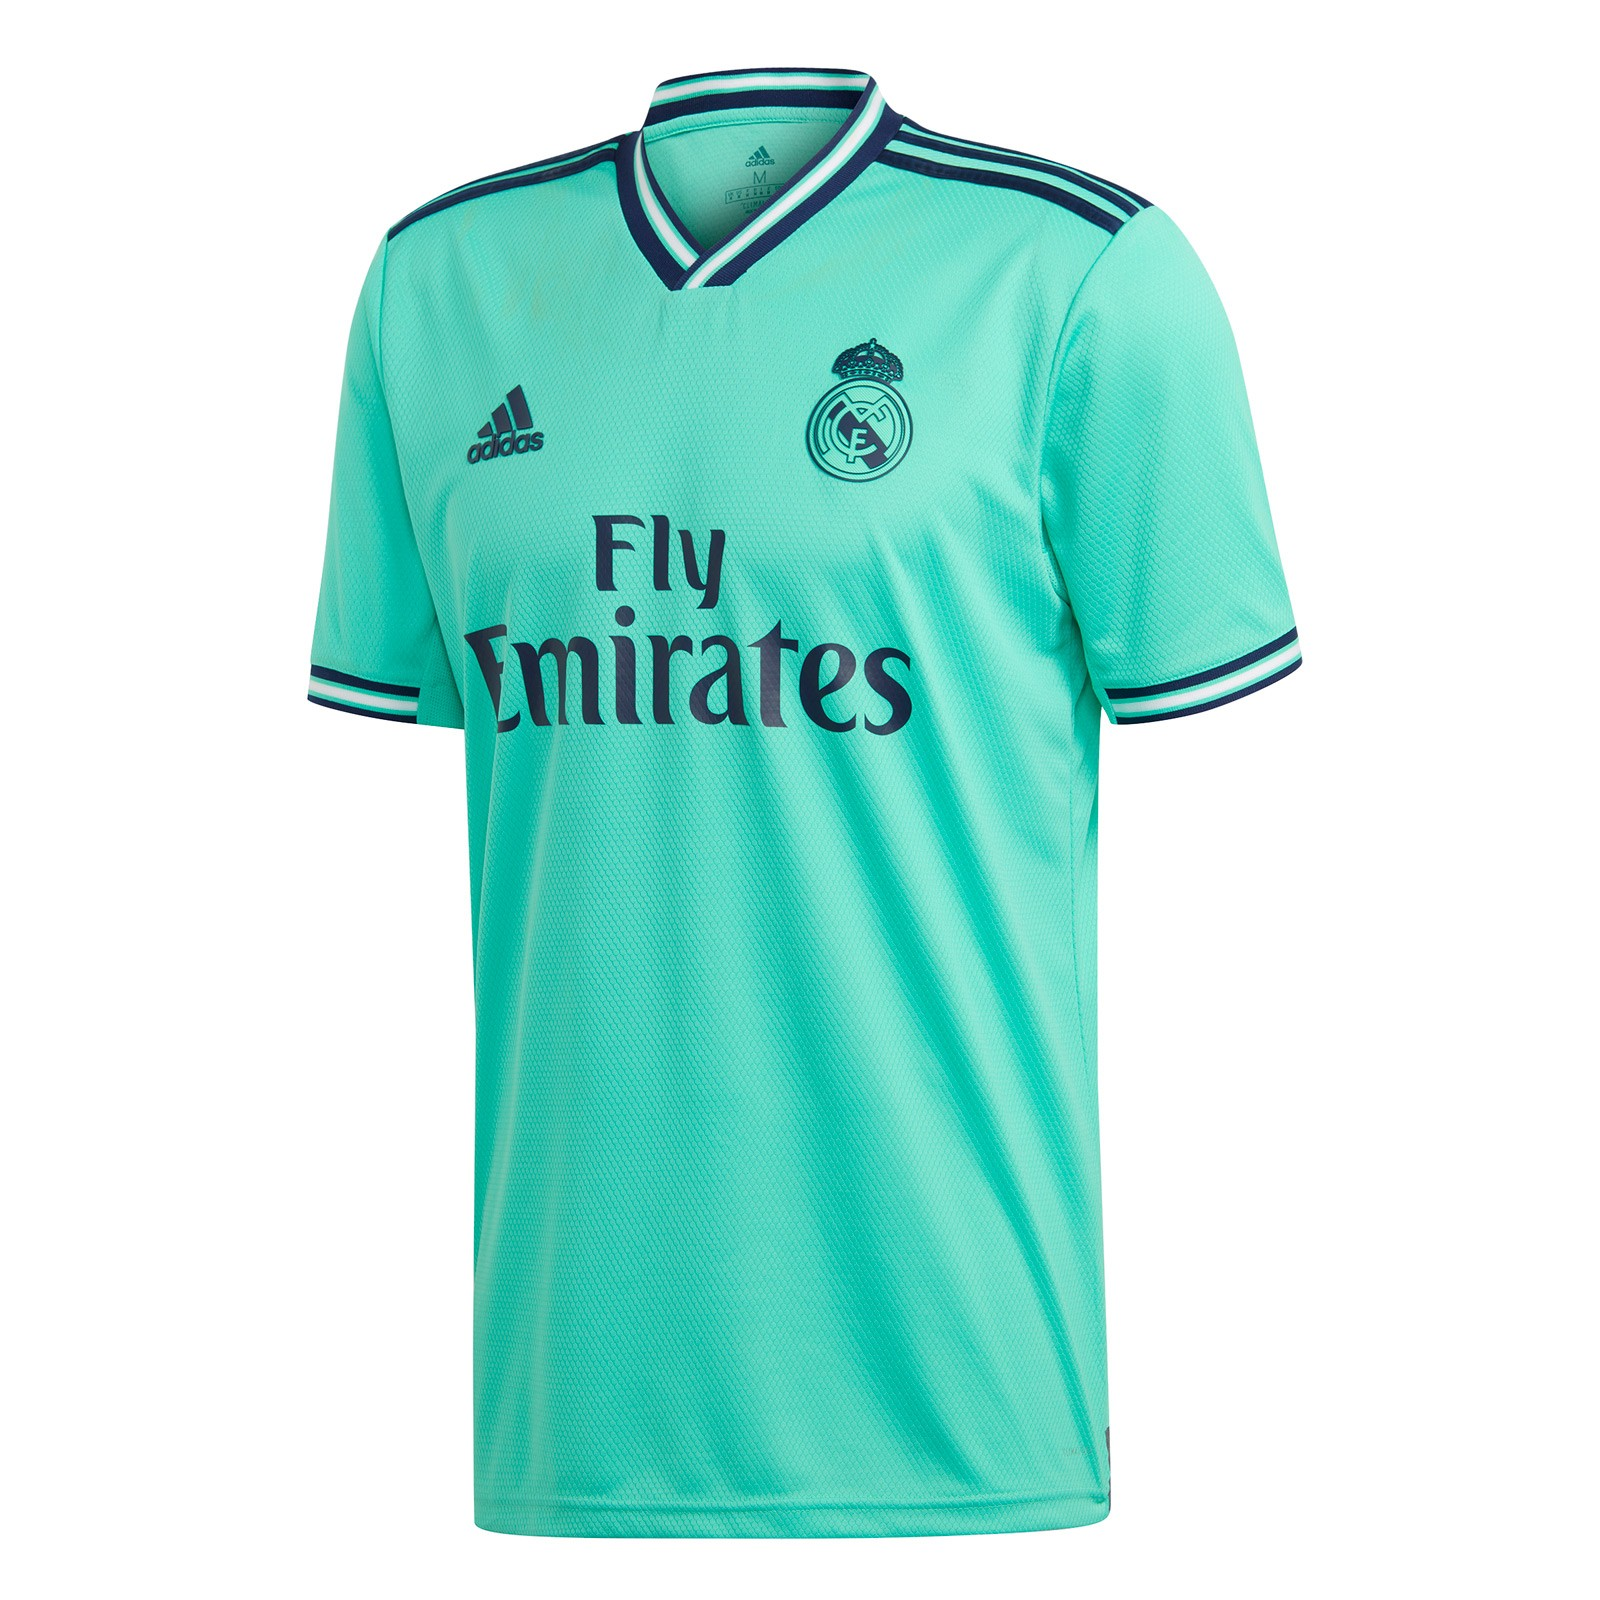 皇家马德里2019-20赛季球迷版第二客场球衣